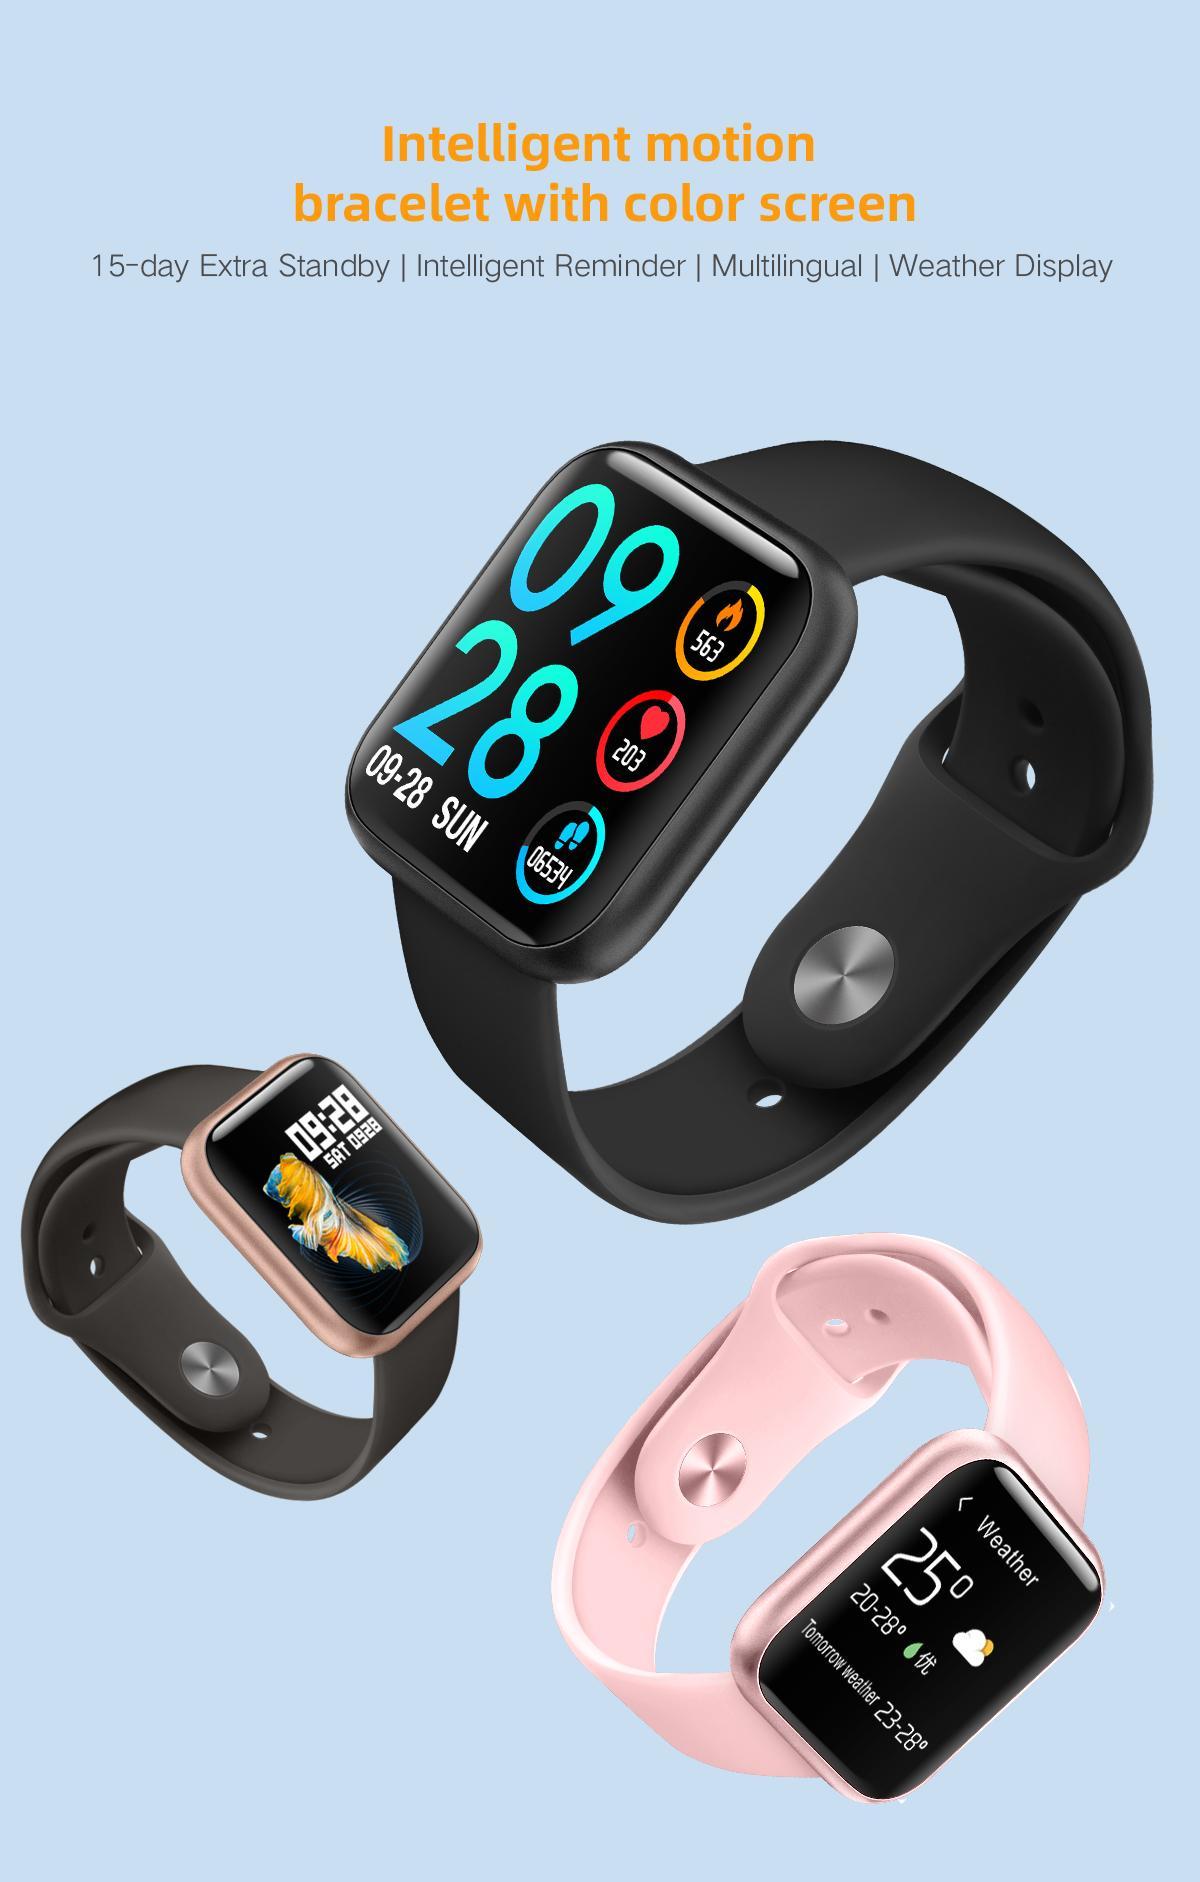 بلوتوث 4.0 P80 الذكية ووتش الضغط مراقب النساء معدل ضربات القلب للياقة البدنية المقتفي الدم ساعة ذكية واجهة USB شحن المغناطيسي